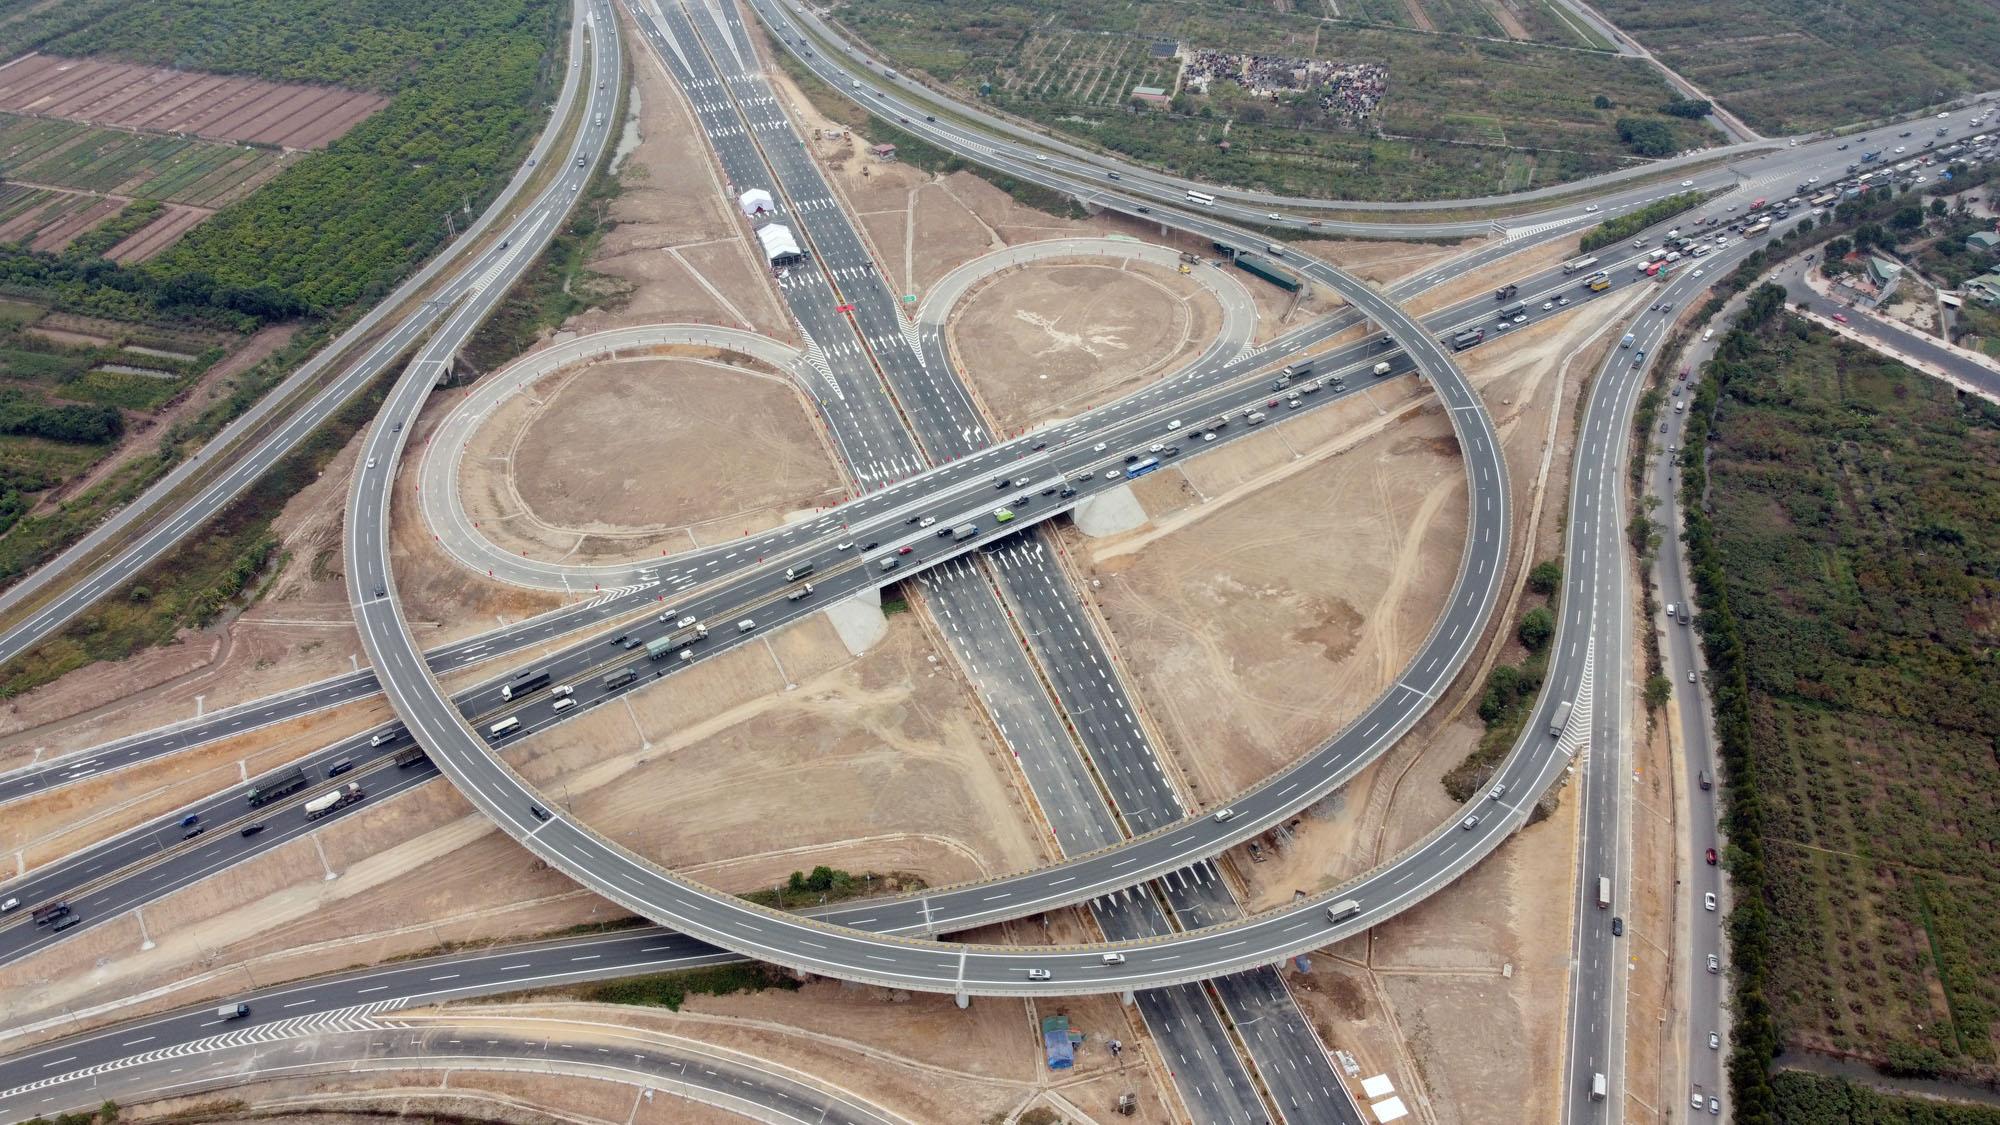 Cận cảnh nút giao đường Vành đai 3 với cao tốc Hà Nội - Hải Phòng trị giá 400 tỷ đồng - Ảnh 2.